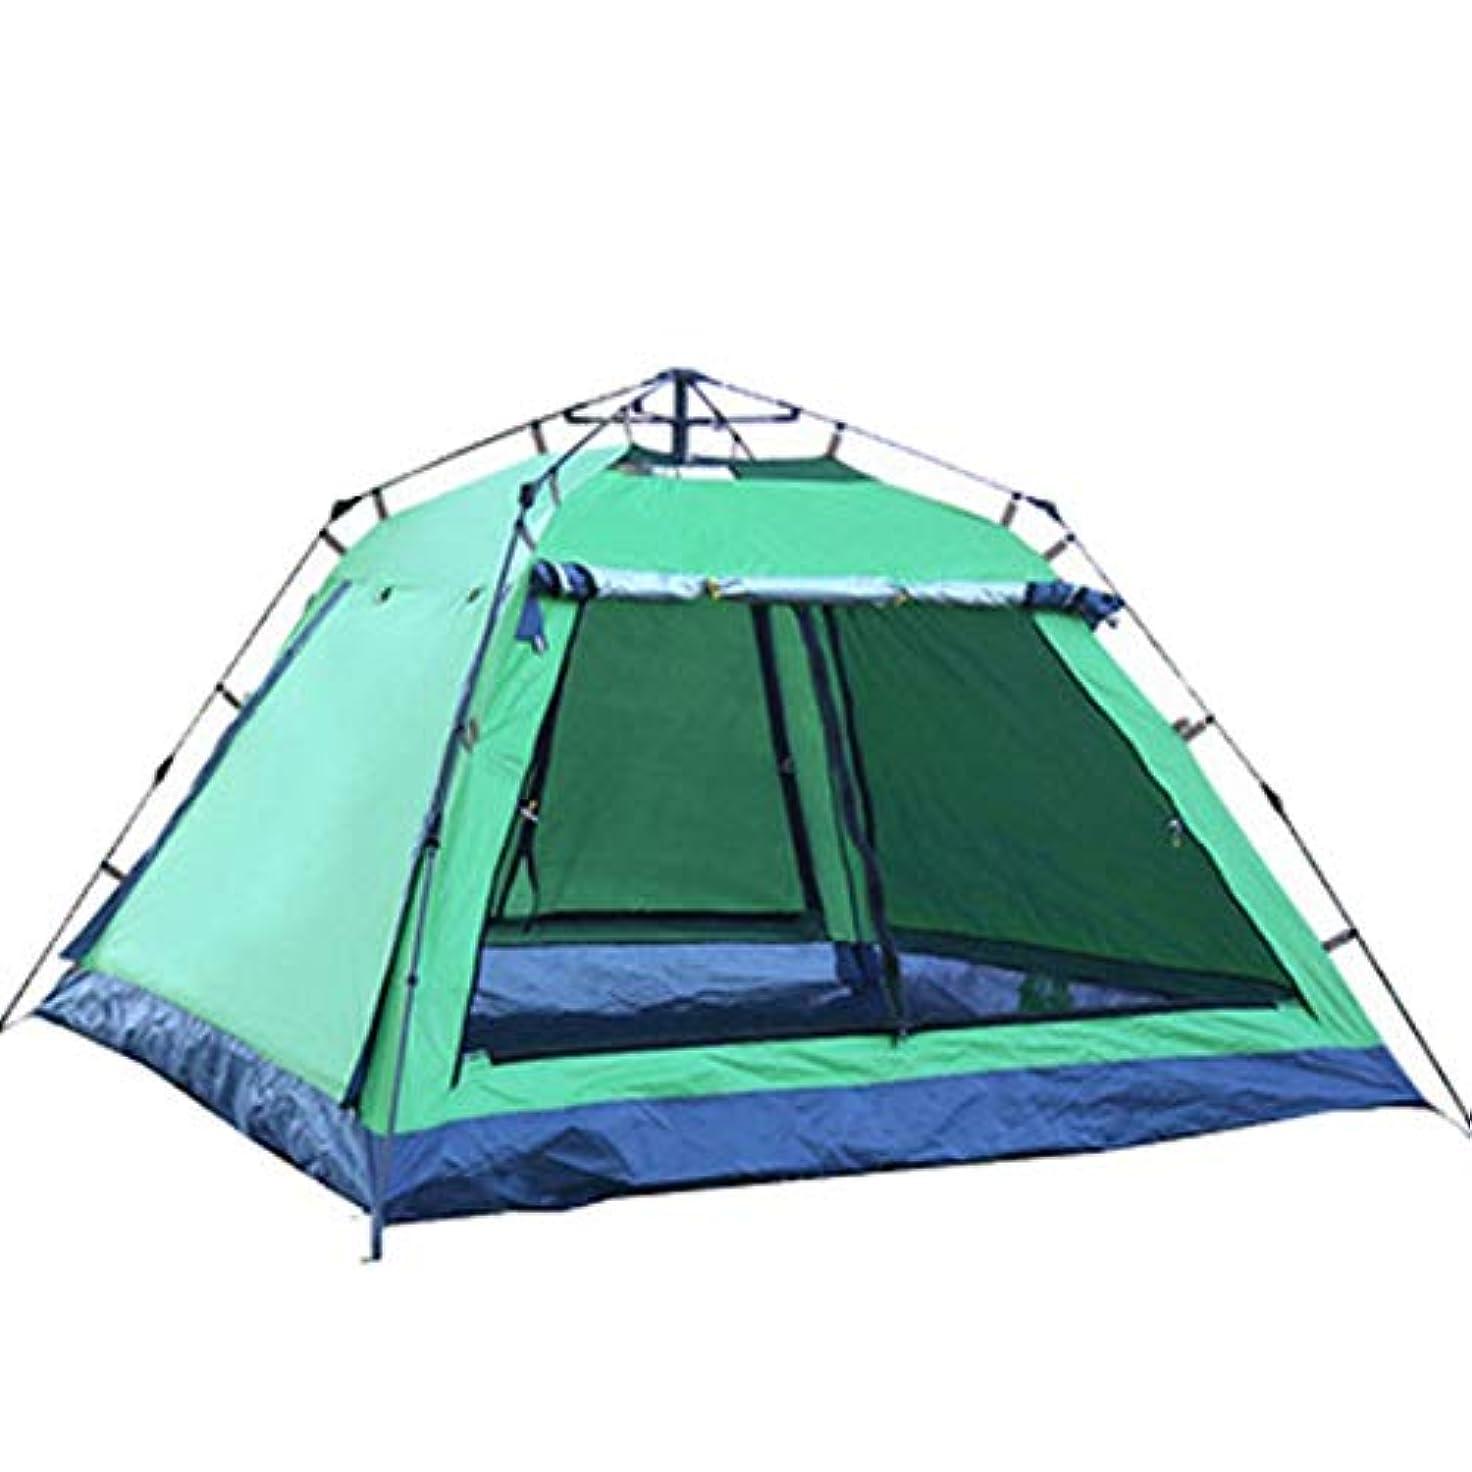 作業拍手支配するNekovan 3-4人丈夫なキャンプテント四隅スクエアトップ自動インスタントポップアップバックパッキングテント超軽量防水ハイキングキャンプ旅行、サンシェード、蚊 (色 : オレンジ)